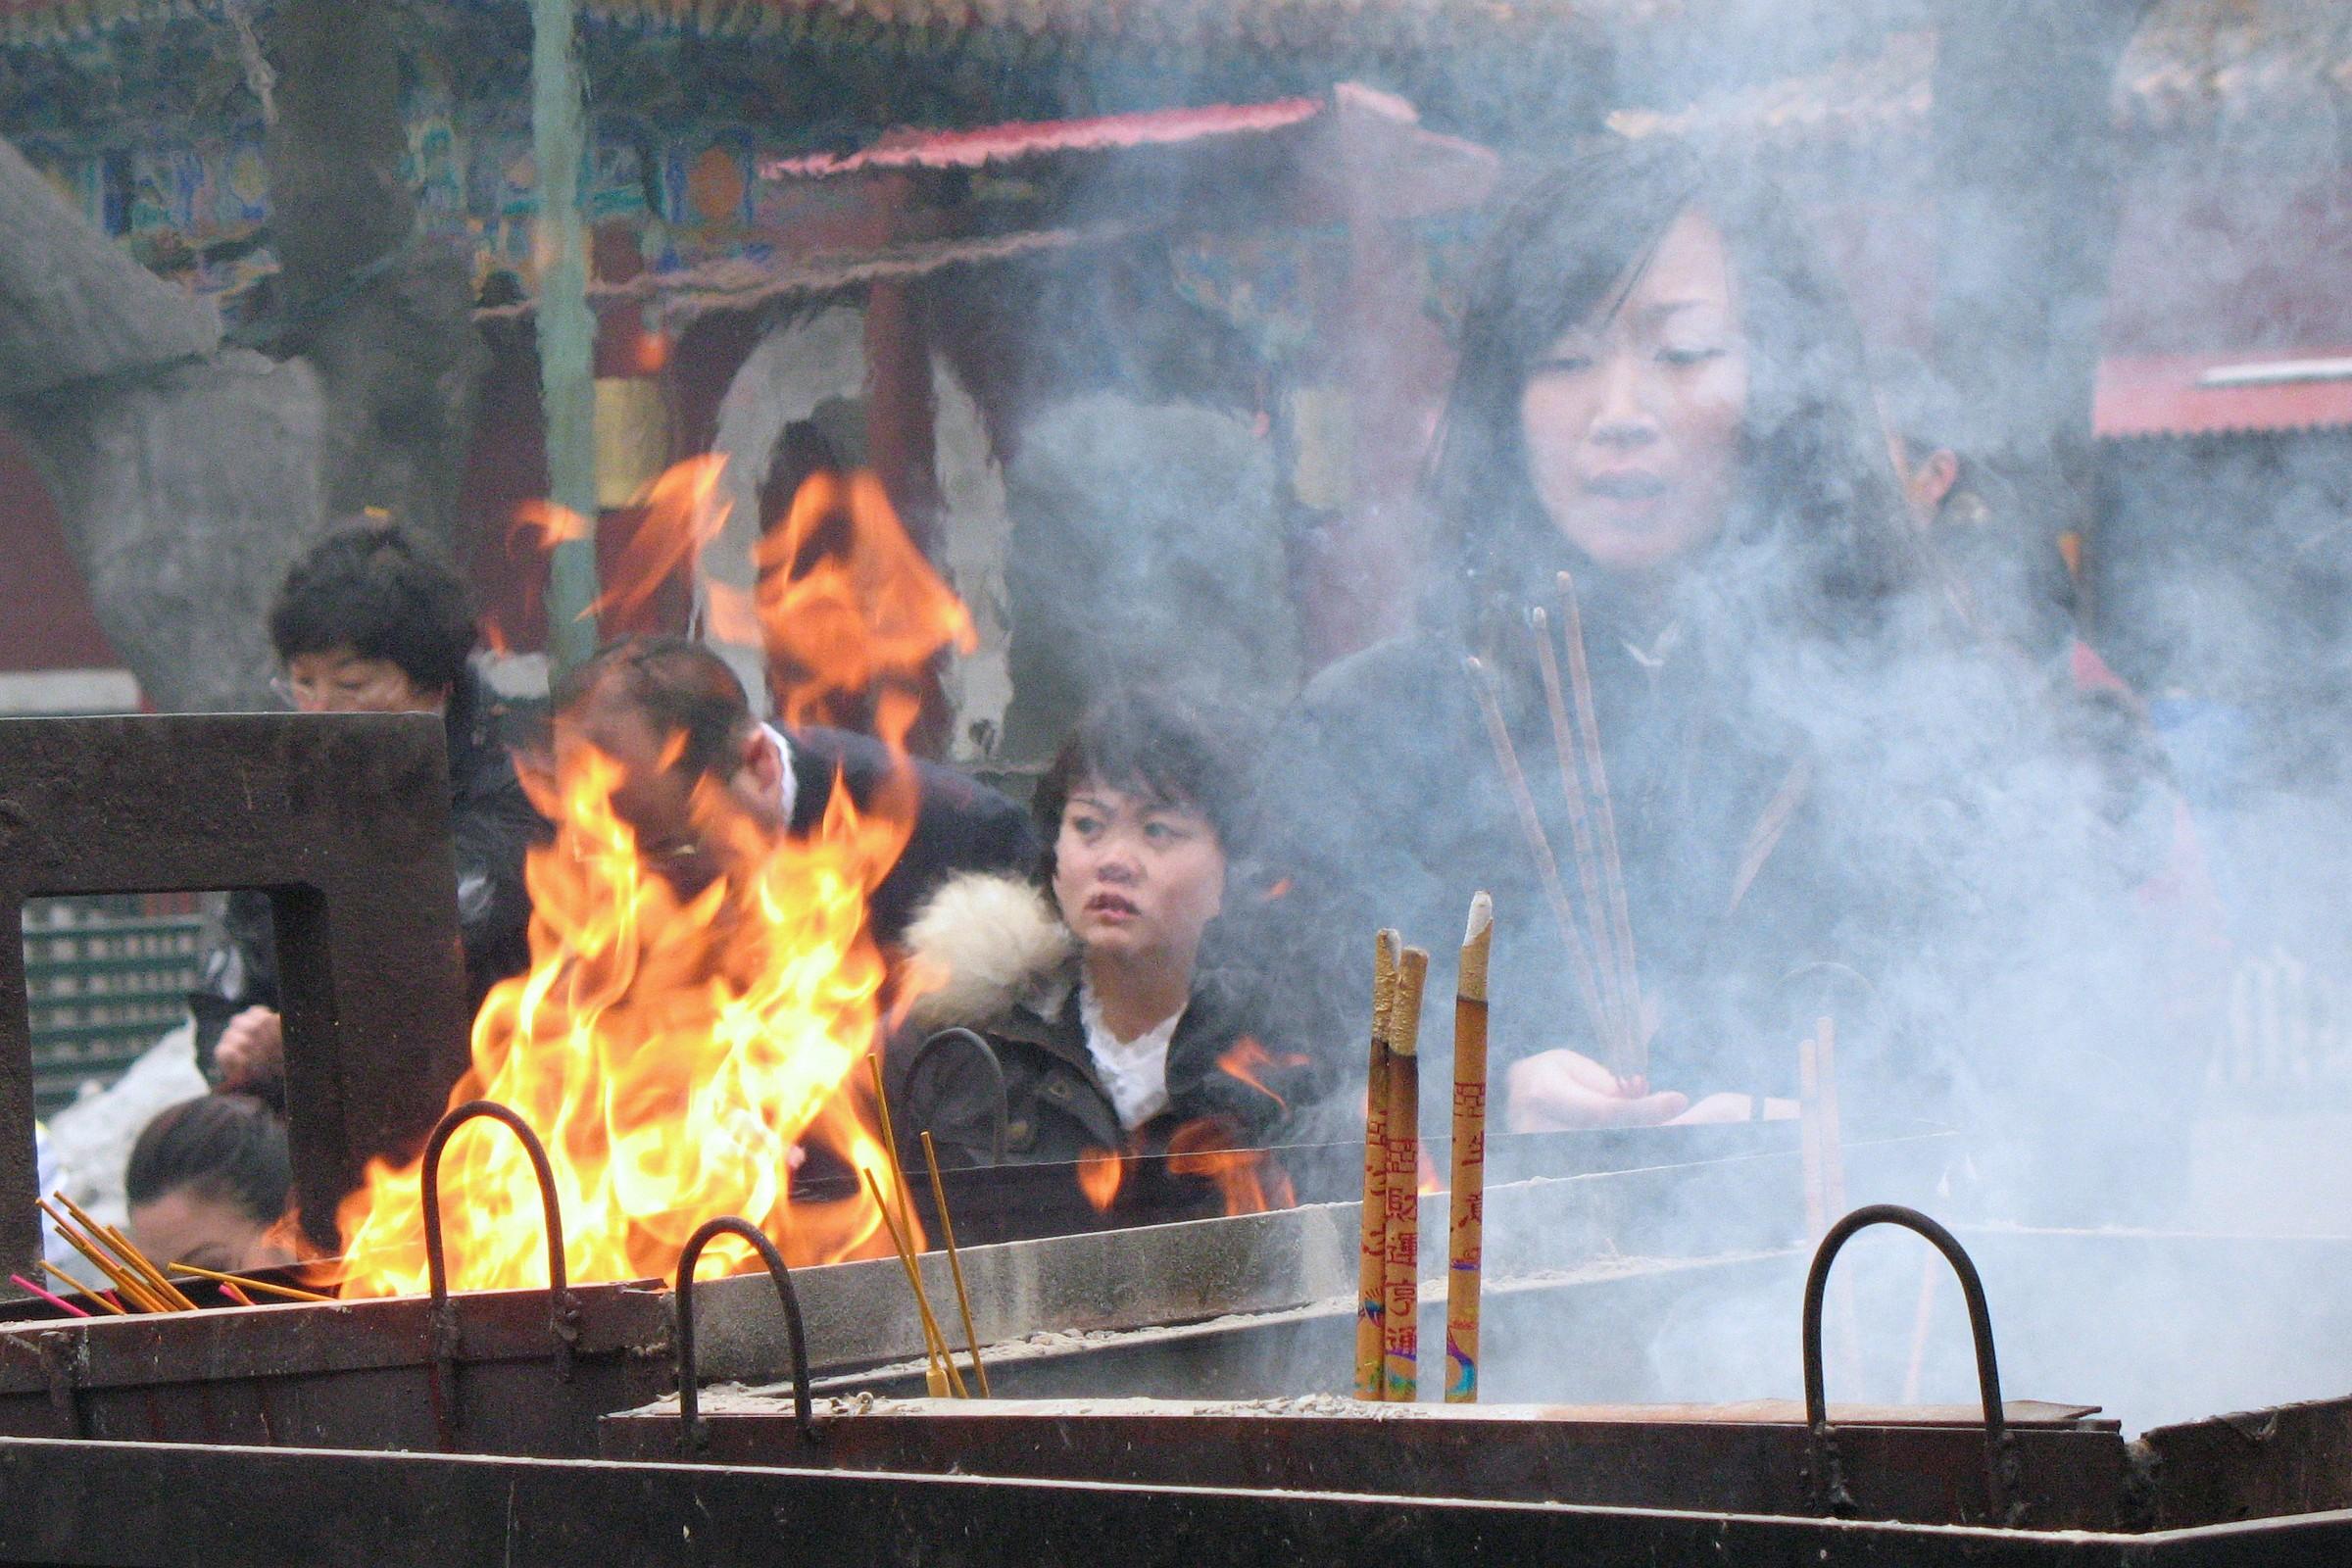 Cina 2010 Pechino Tempio dei Lama: Preghiera...